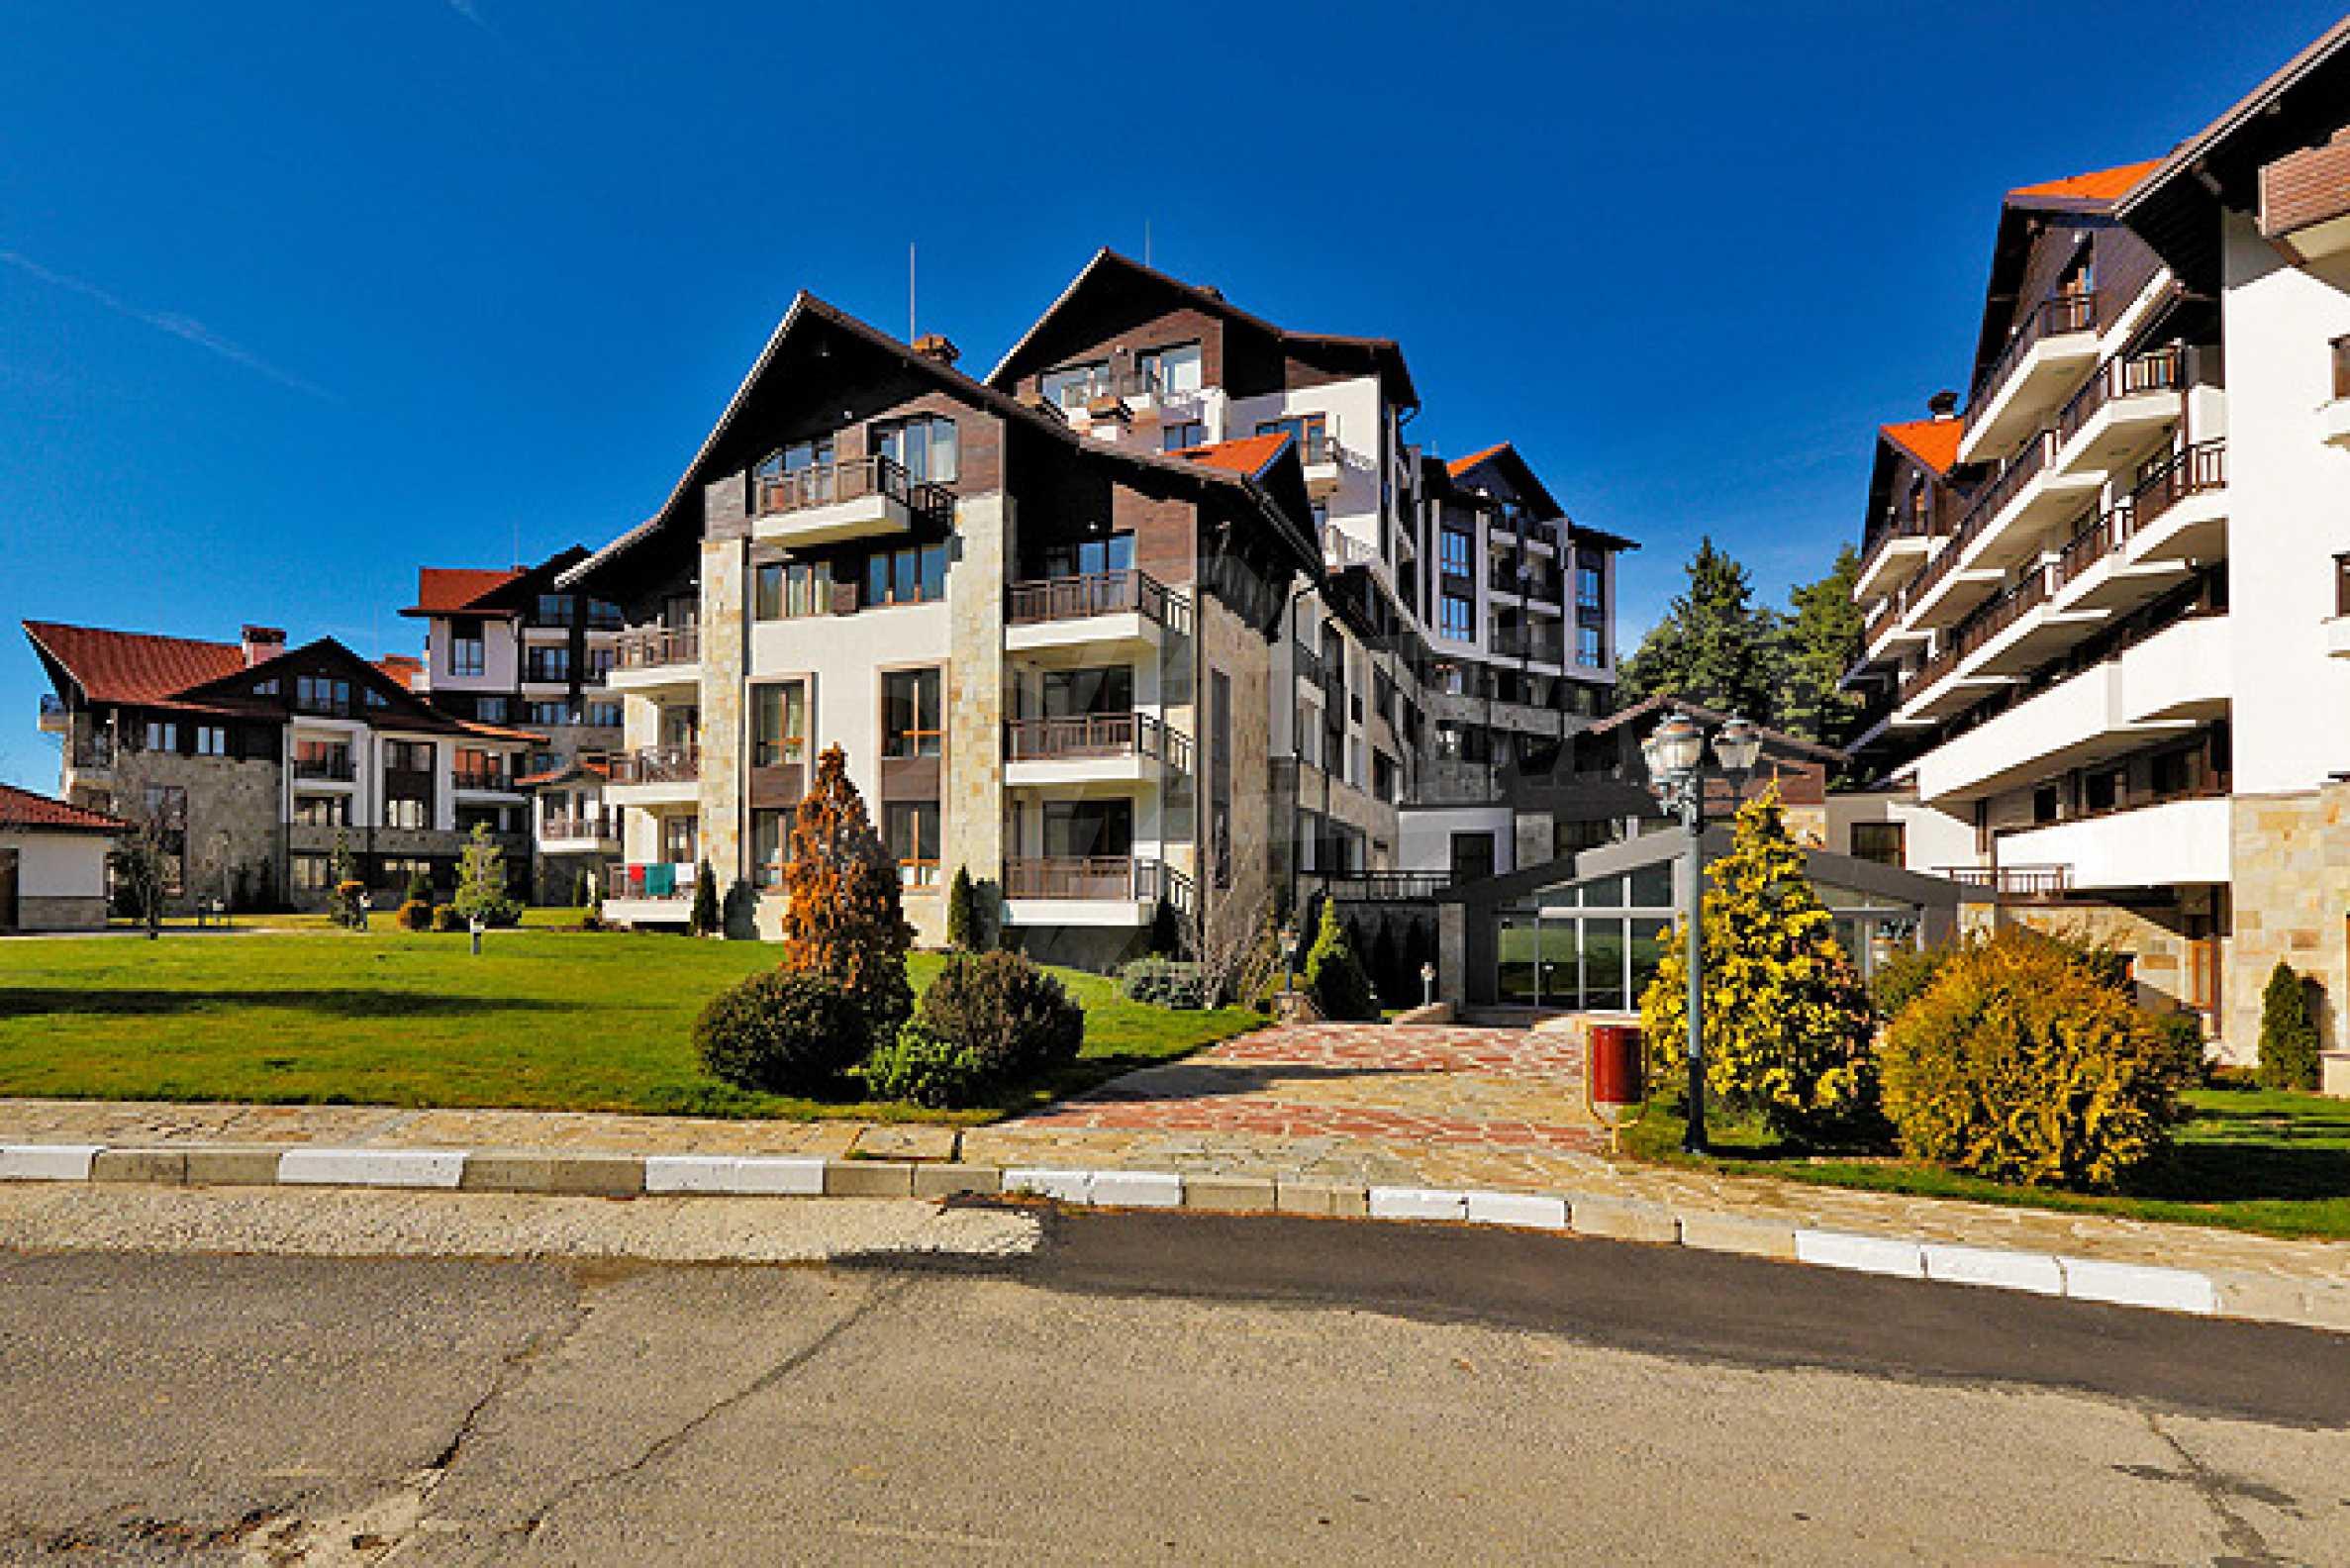 Първокласни апартаменти за продажба на метри от писта Ястребец в Боровец 2